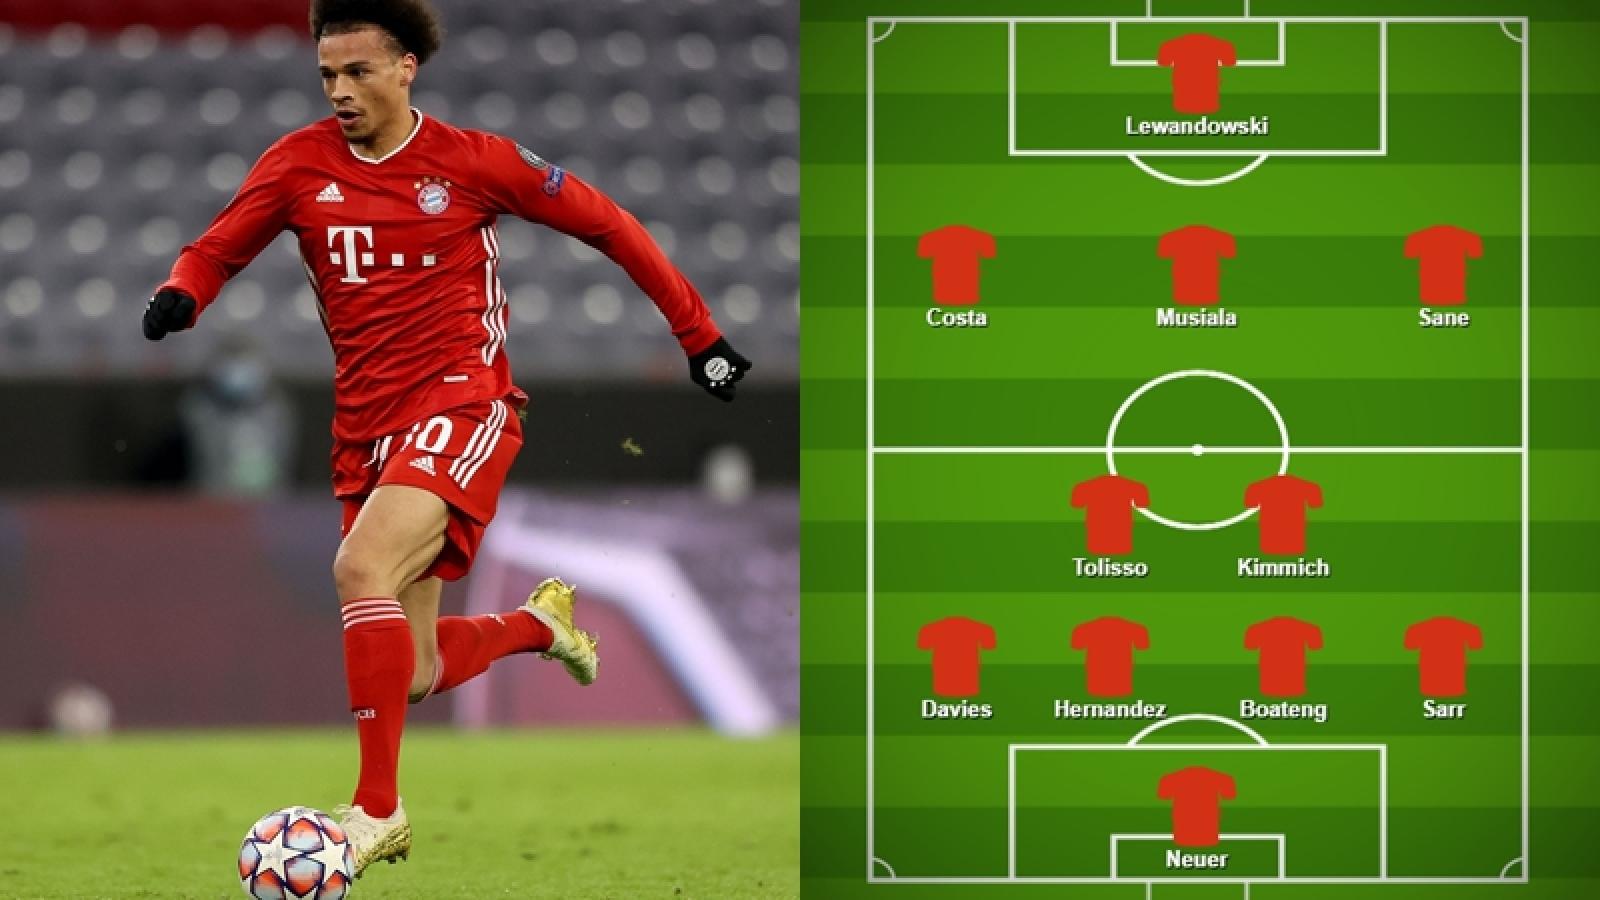 """Đội hình """"công thủ toàn diện"""" sẽ đưa Bayern vào chung kết FIFA Club World Cup?"""